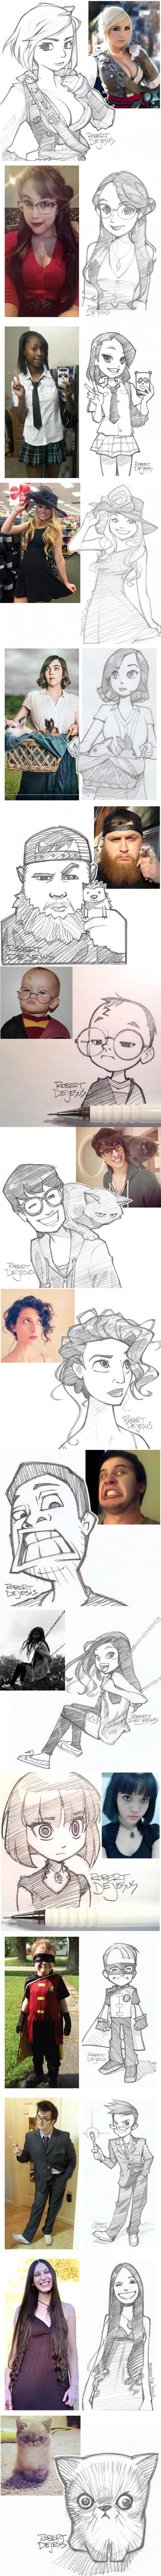 People Vs. Their Cartoon Versions